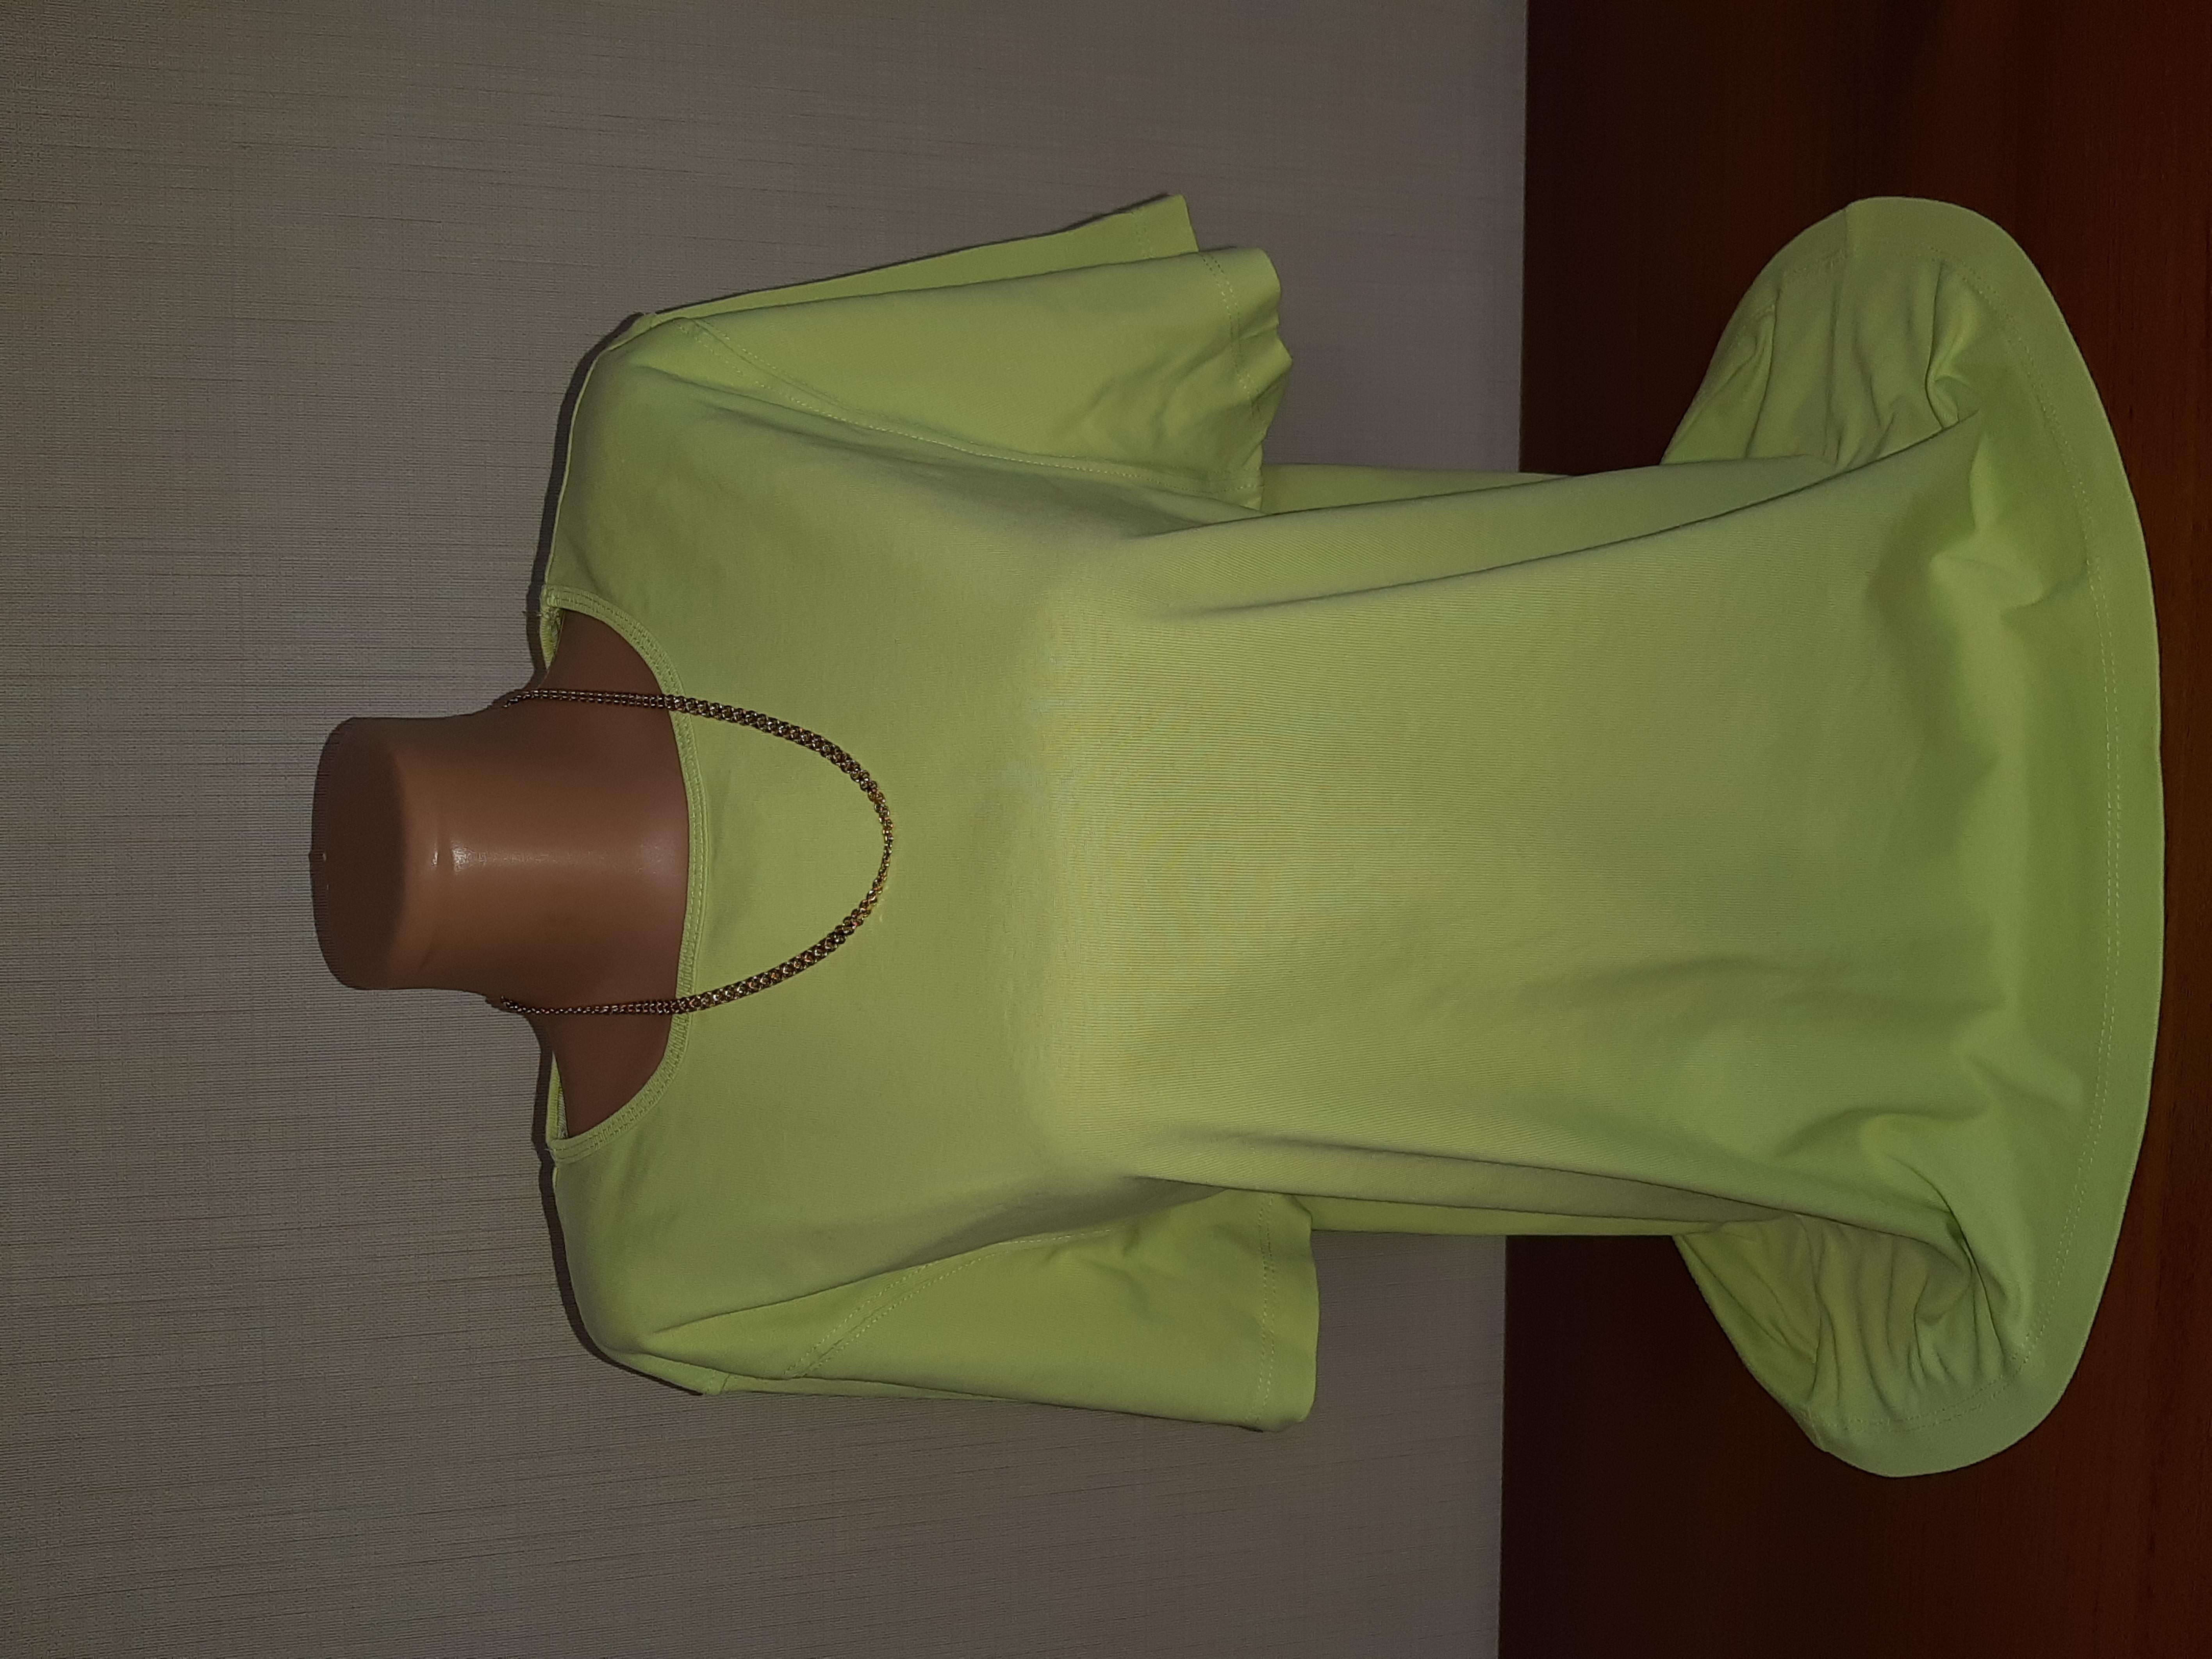 Красивая качественная футболка 100% хлопок р-р 52 - Фото №1